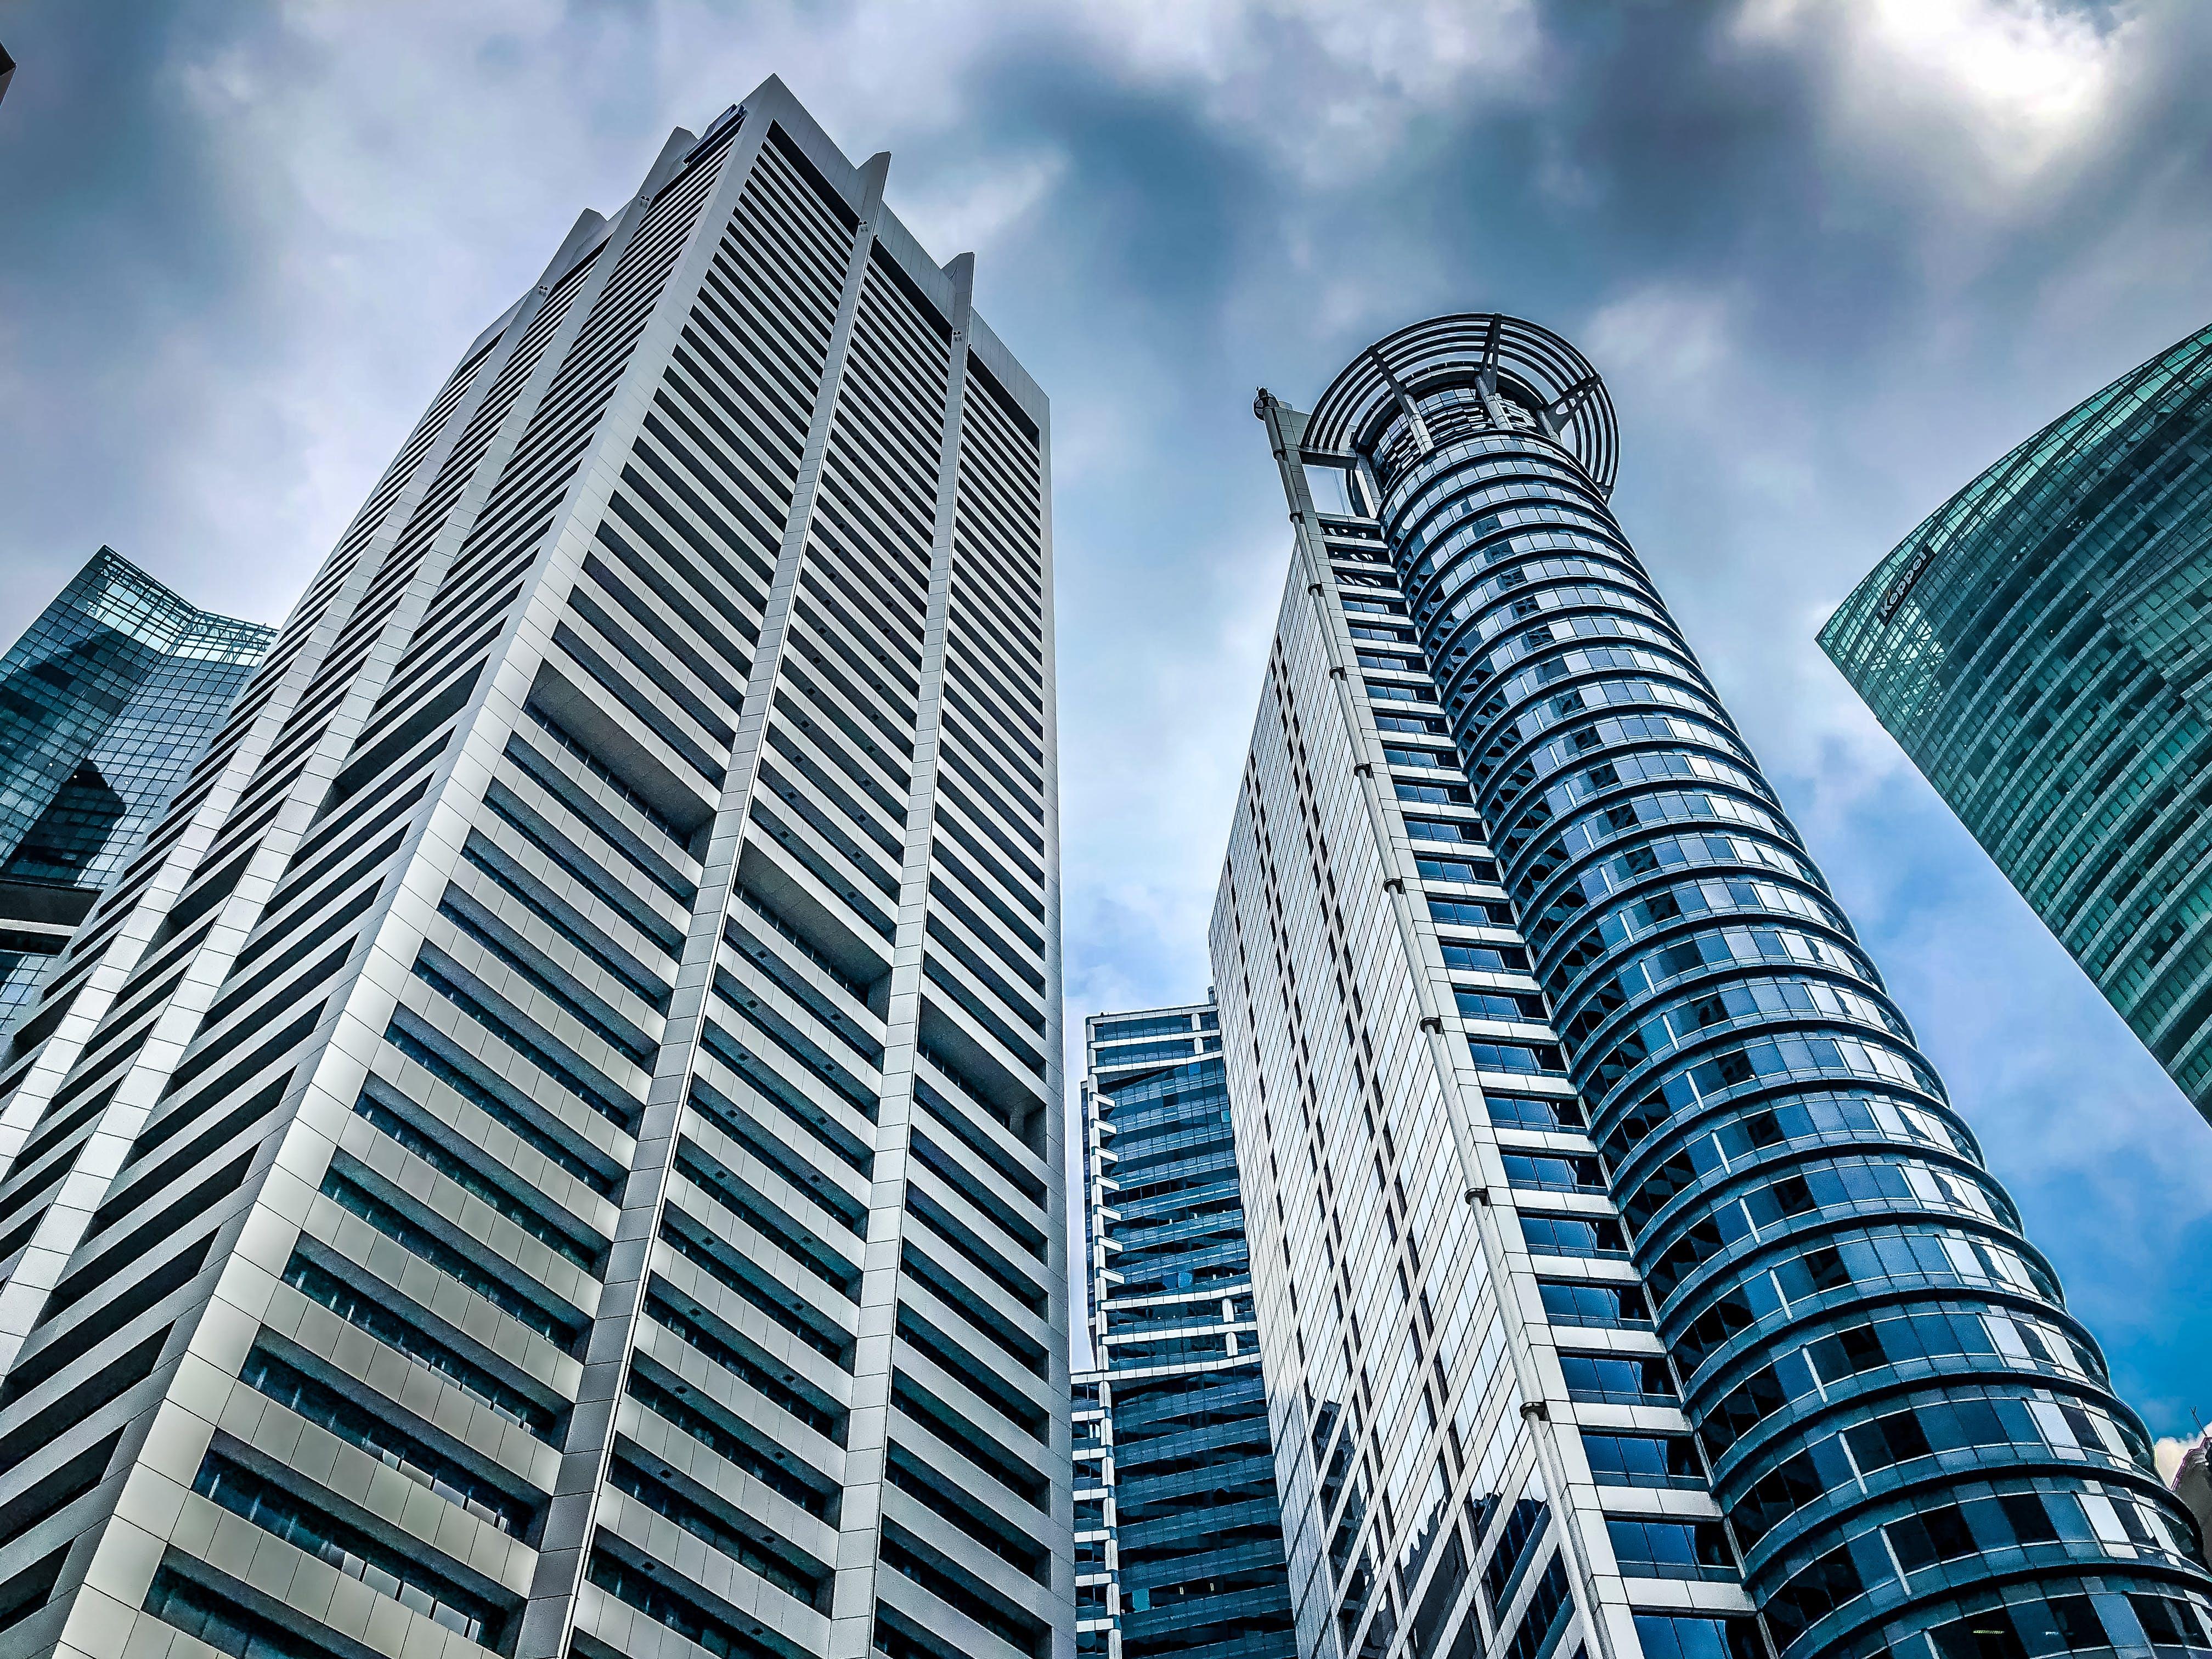 arkitektur, Asien, by